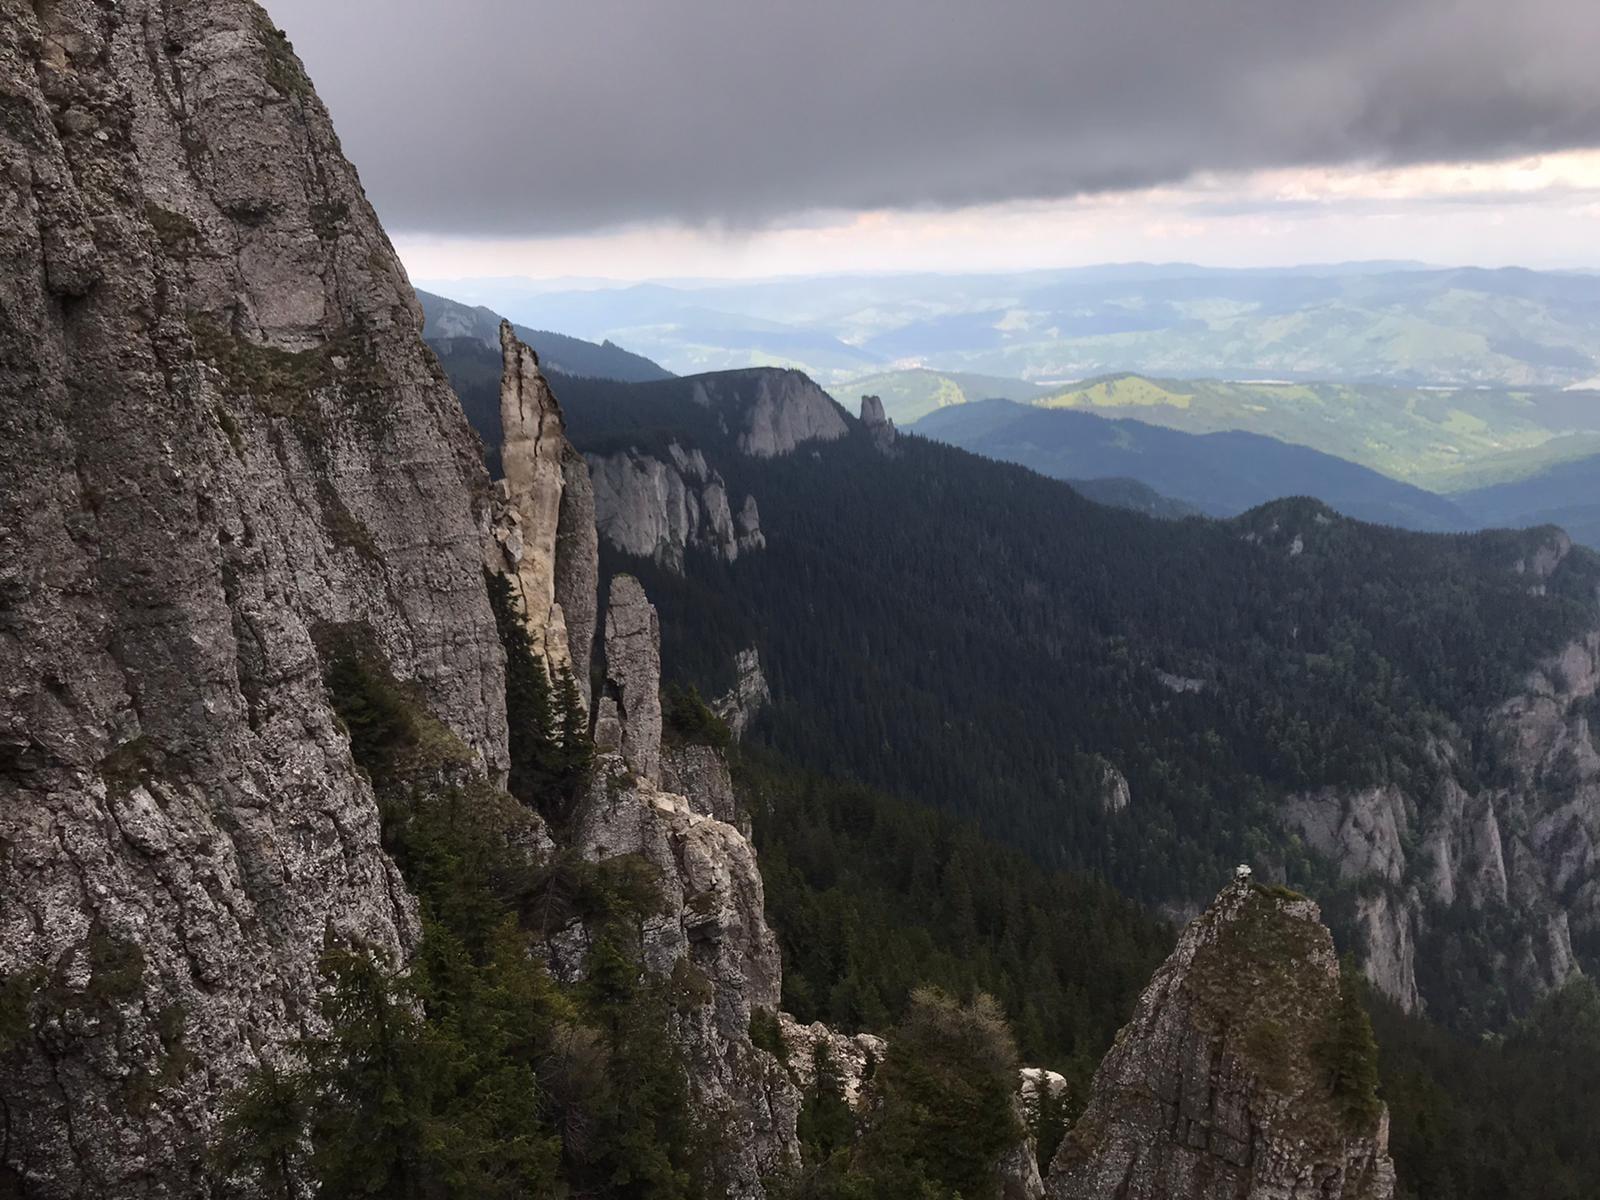 Alerta maxima: s-a prabusit o parte din Muntele Ceahlau! Stanca de sute de tone a spulberat poteca turistica